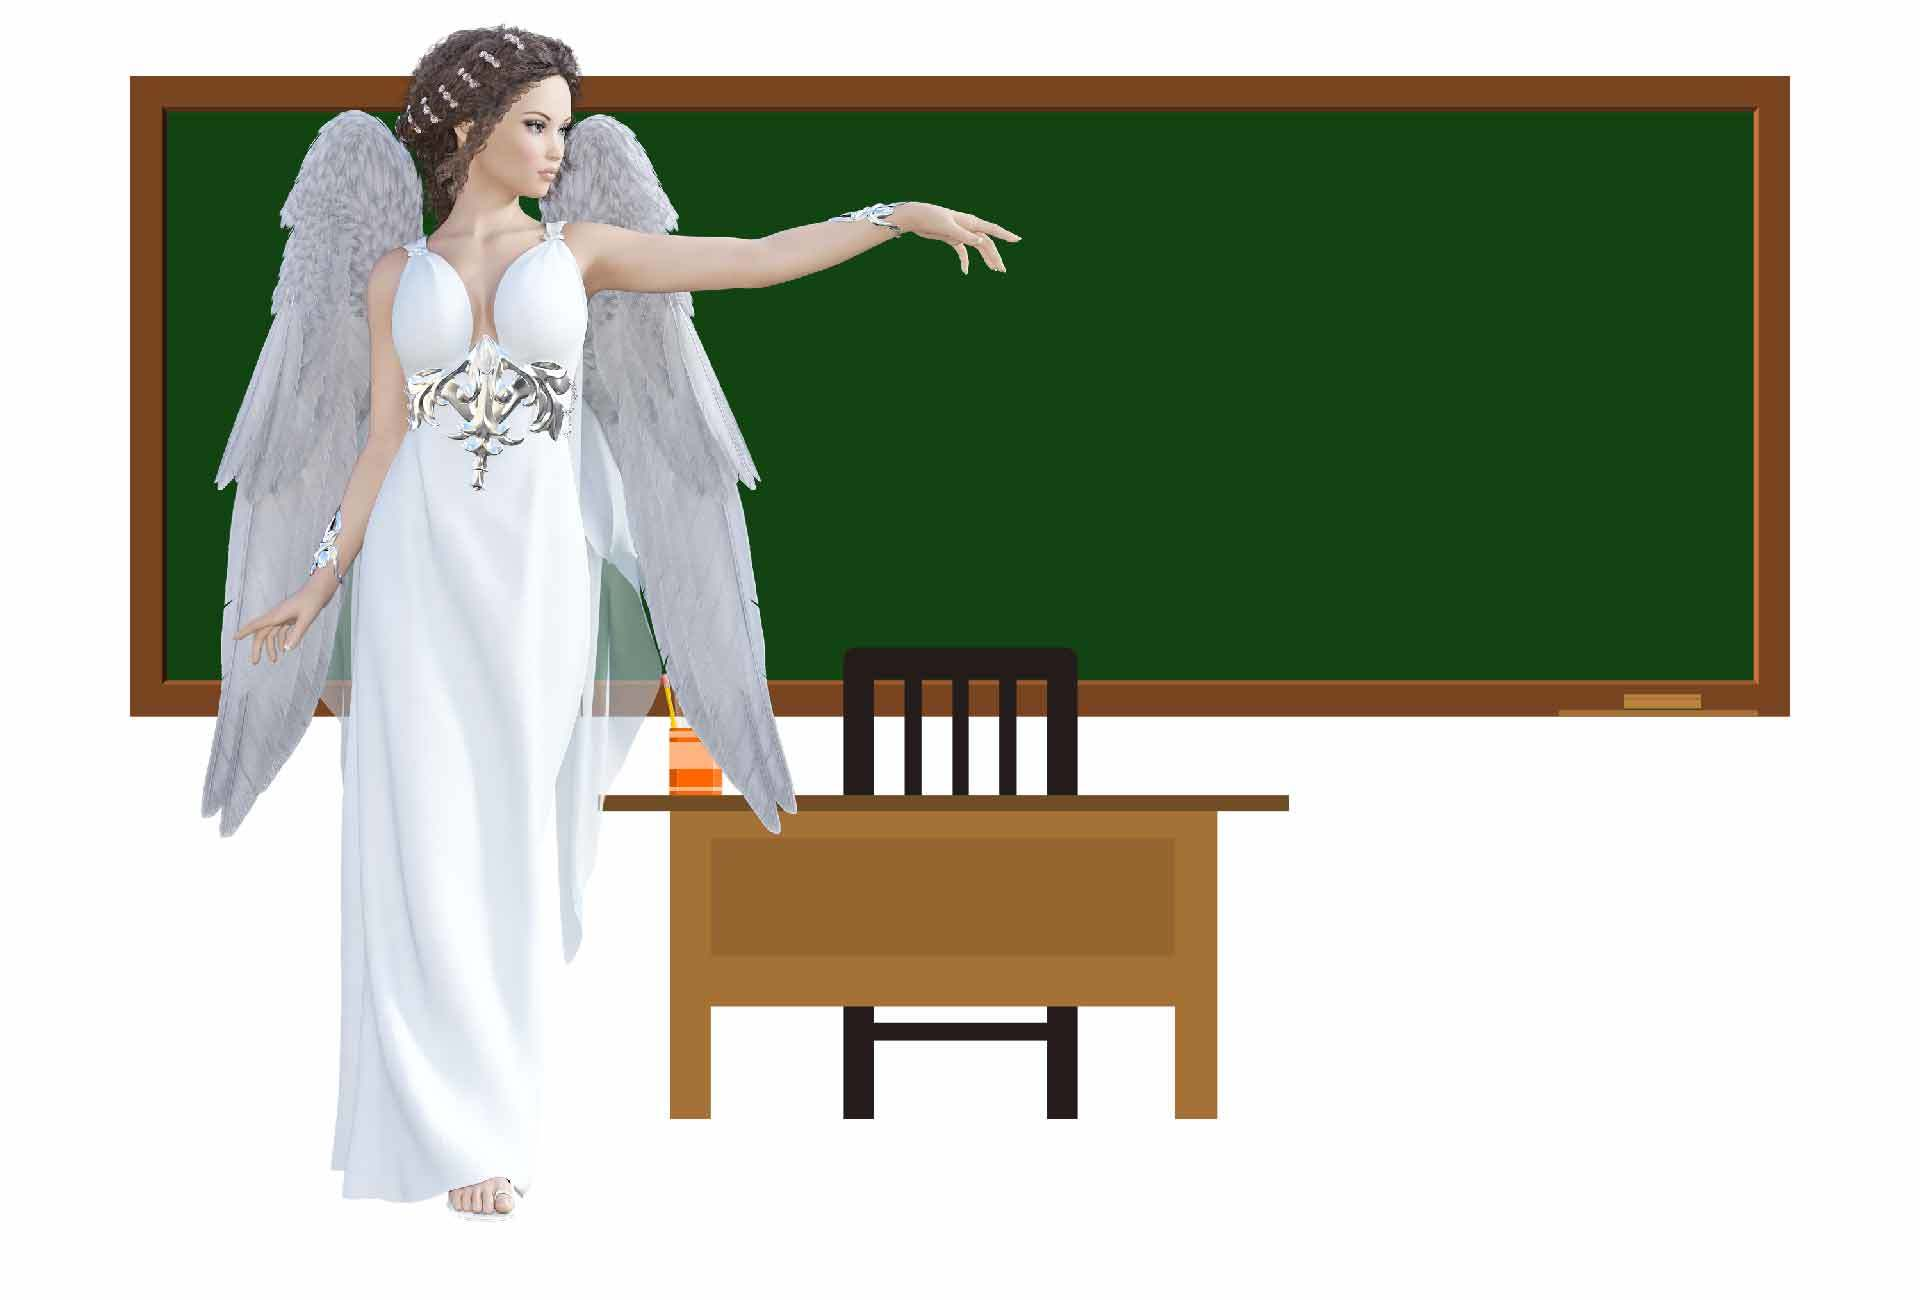 Verliebt in Lehrerin